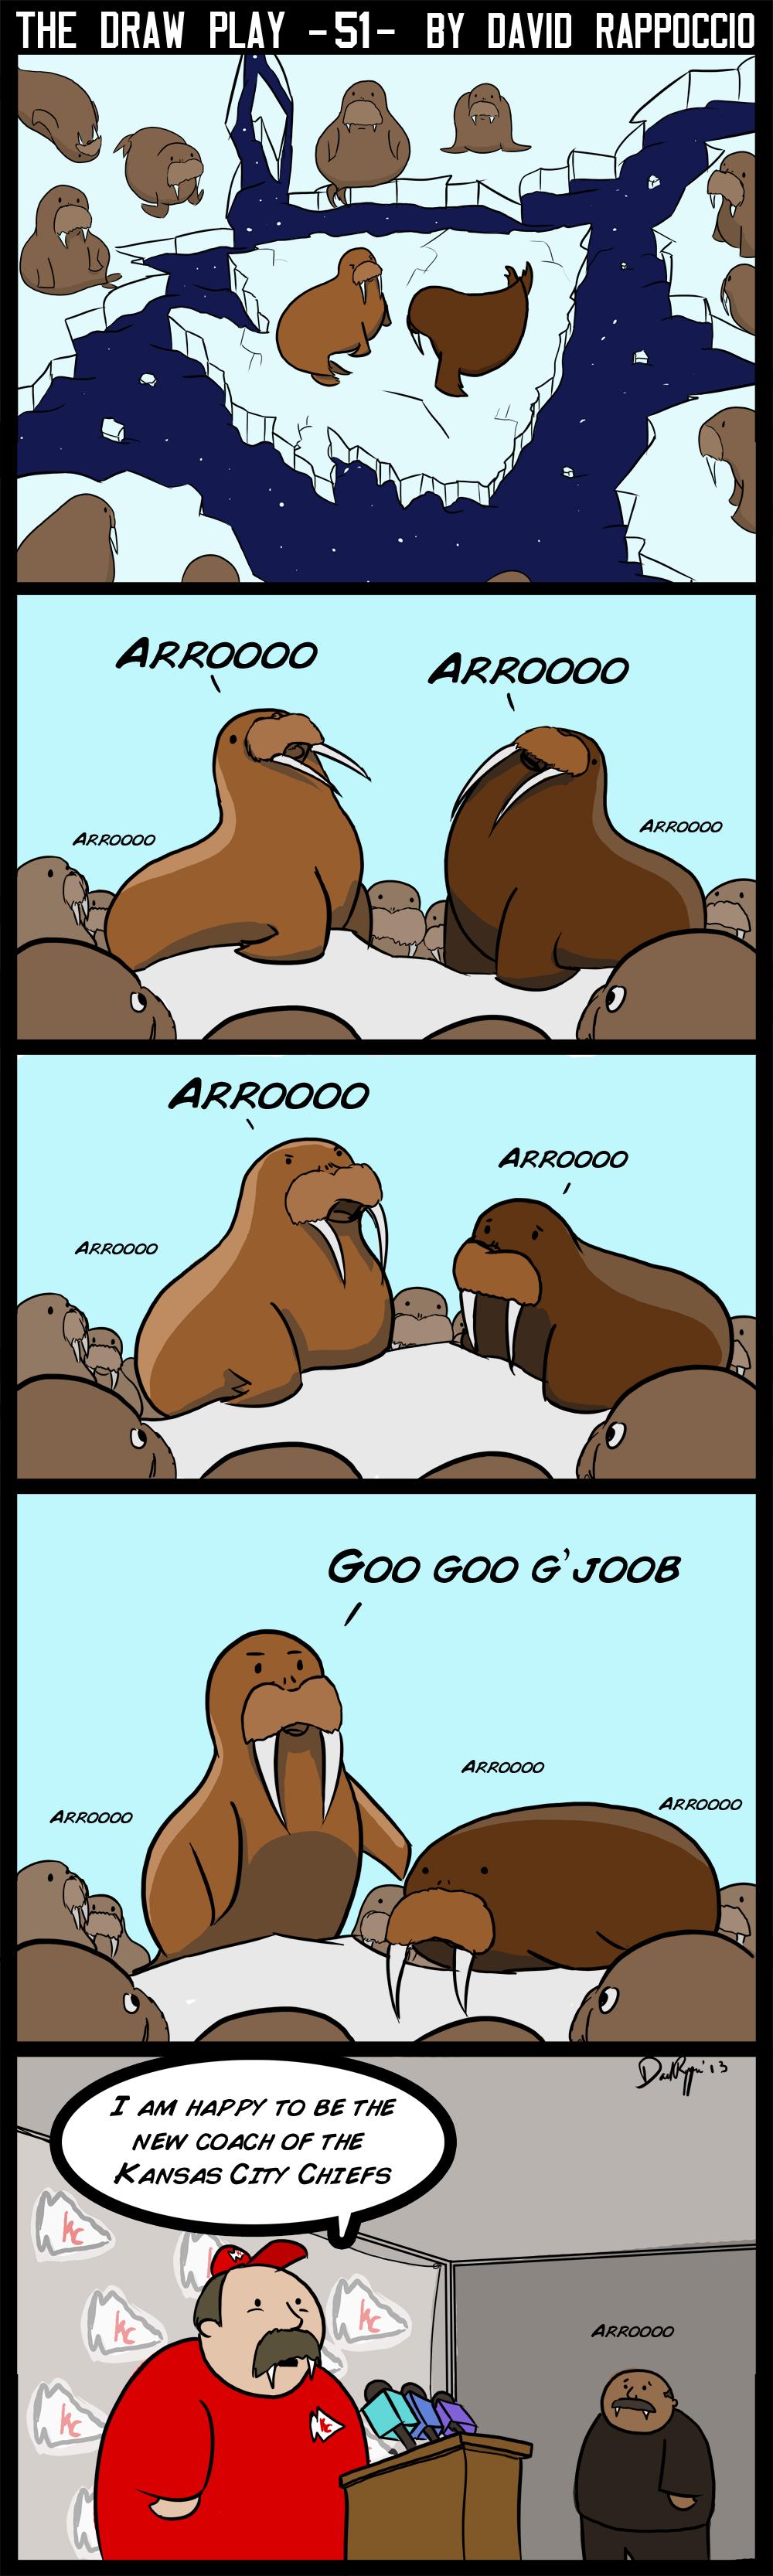 I am the Andy, I am the Andy, I am The Walrus! Pass pass the ball